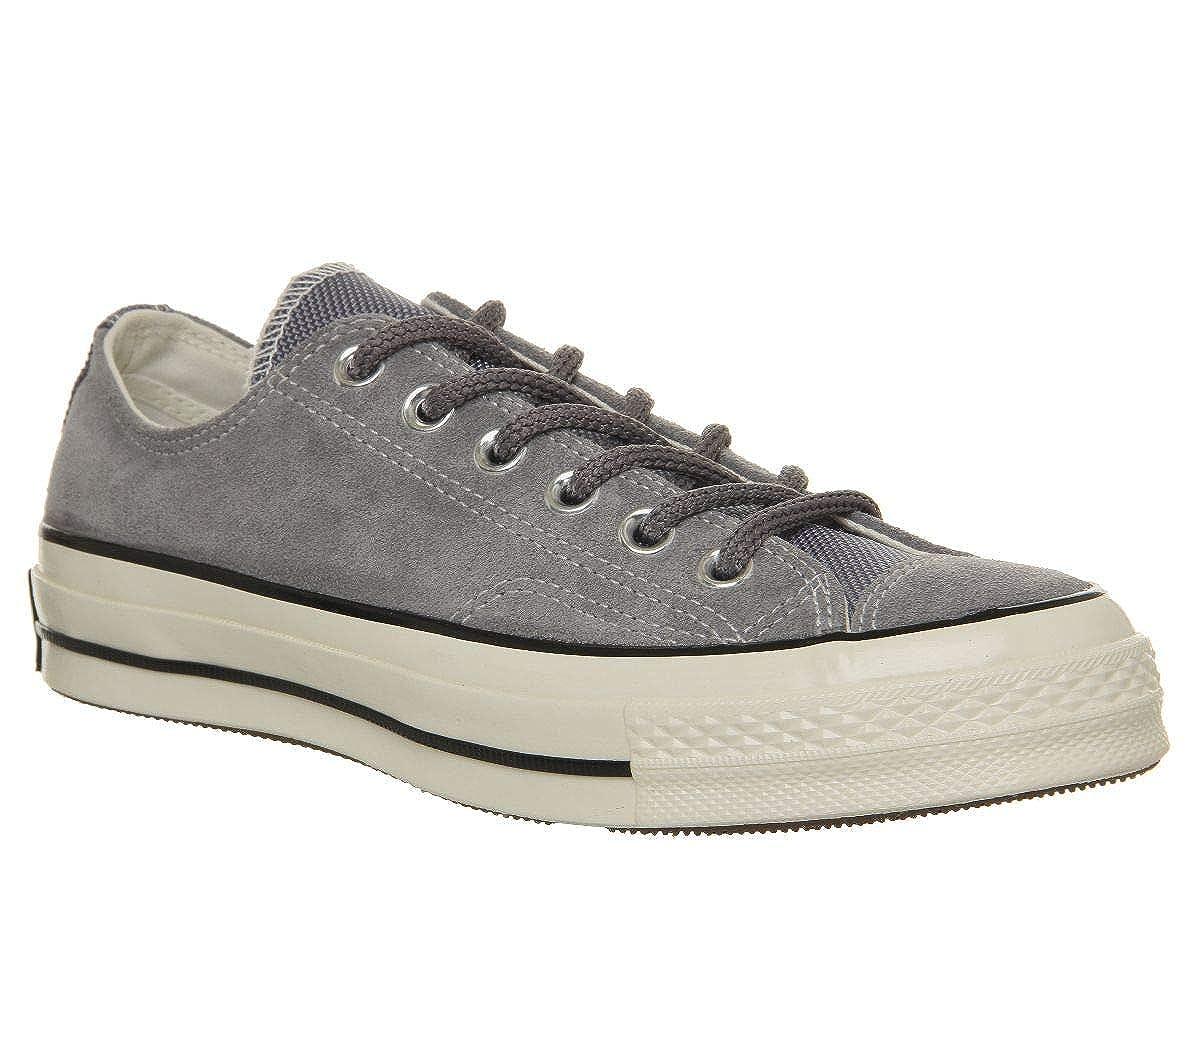 Converse AS Hi Can charcoal 1J793 Unisex-Erwachsene Turnschuhe B07BTKYW4J Skateboardschuhe Qualität und Quantität garantiert